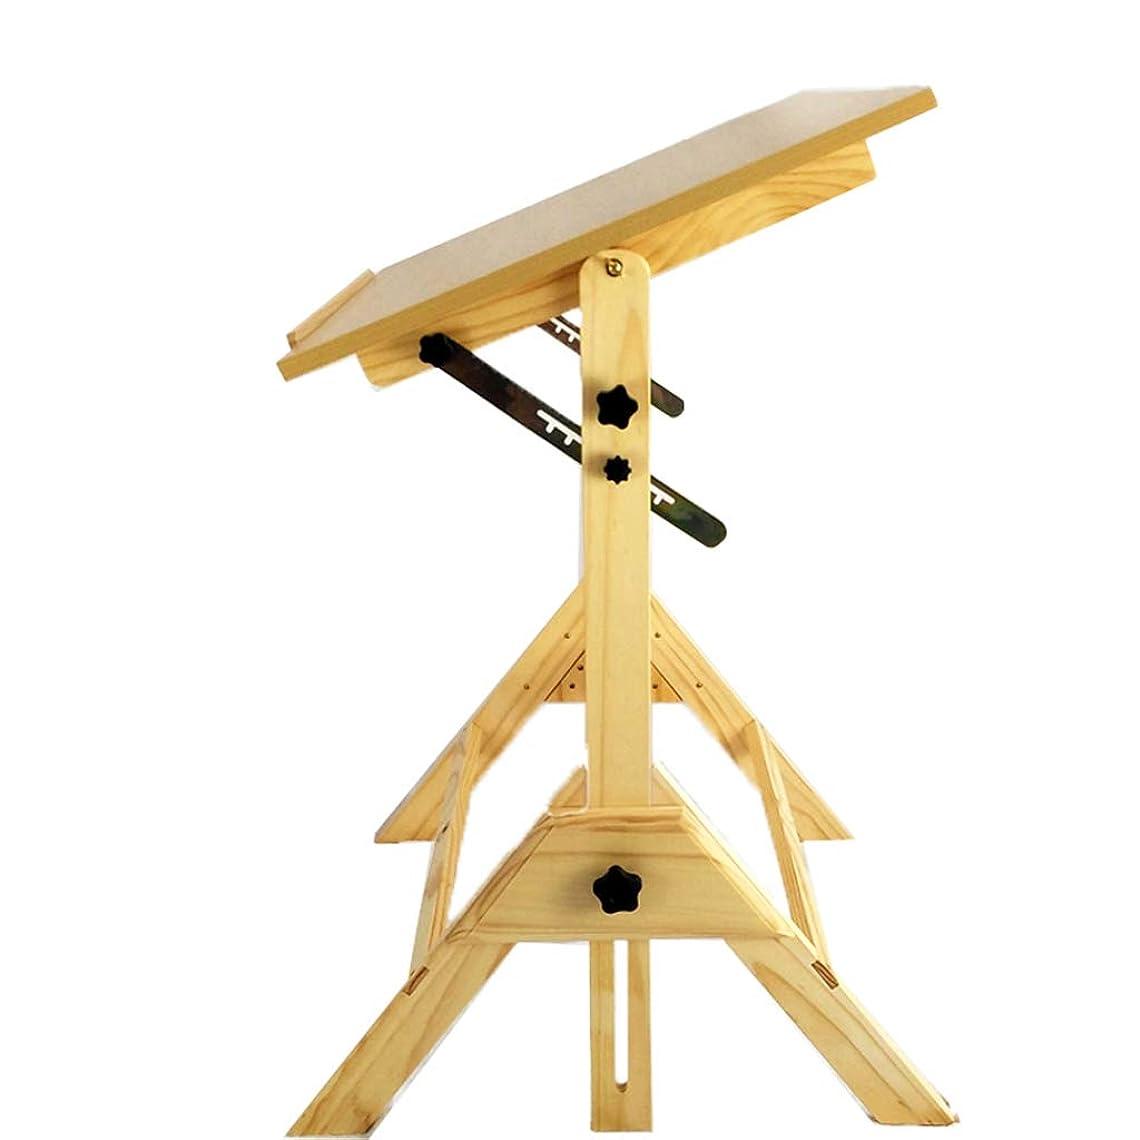 飢饉札入れ等しいDjyyh 木製イーゼル広告スケッチディスプレイスタンド描画テーブルペイントボードスケッチリフト学生イーゼル